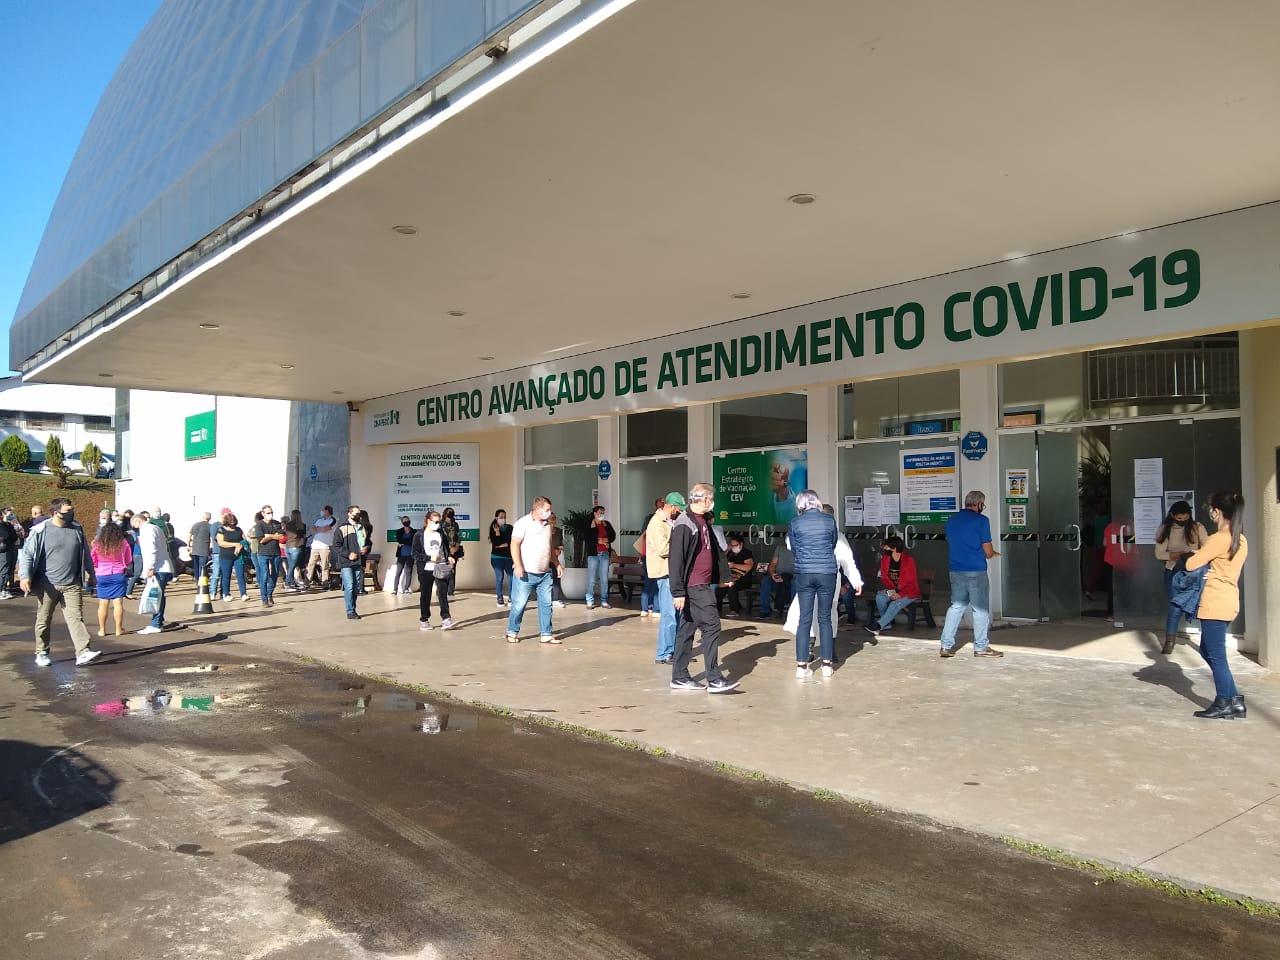 Público alvo em Chapecó para receber a dose são moradores de 57 a 59 anos - Carolina Debiasi/ND